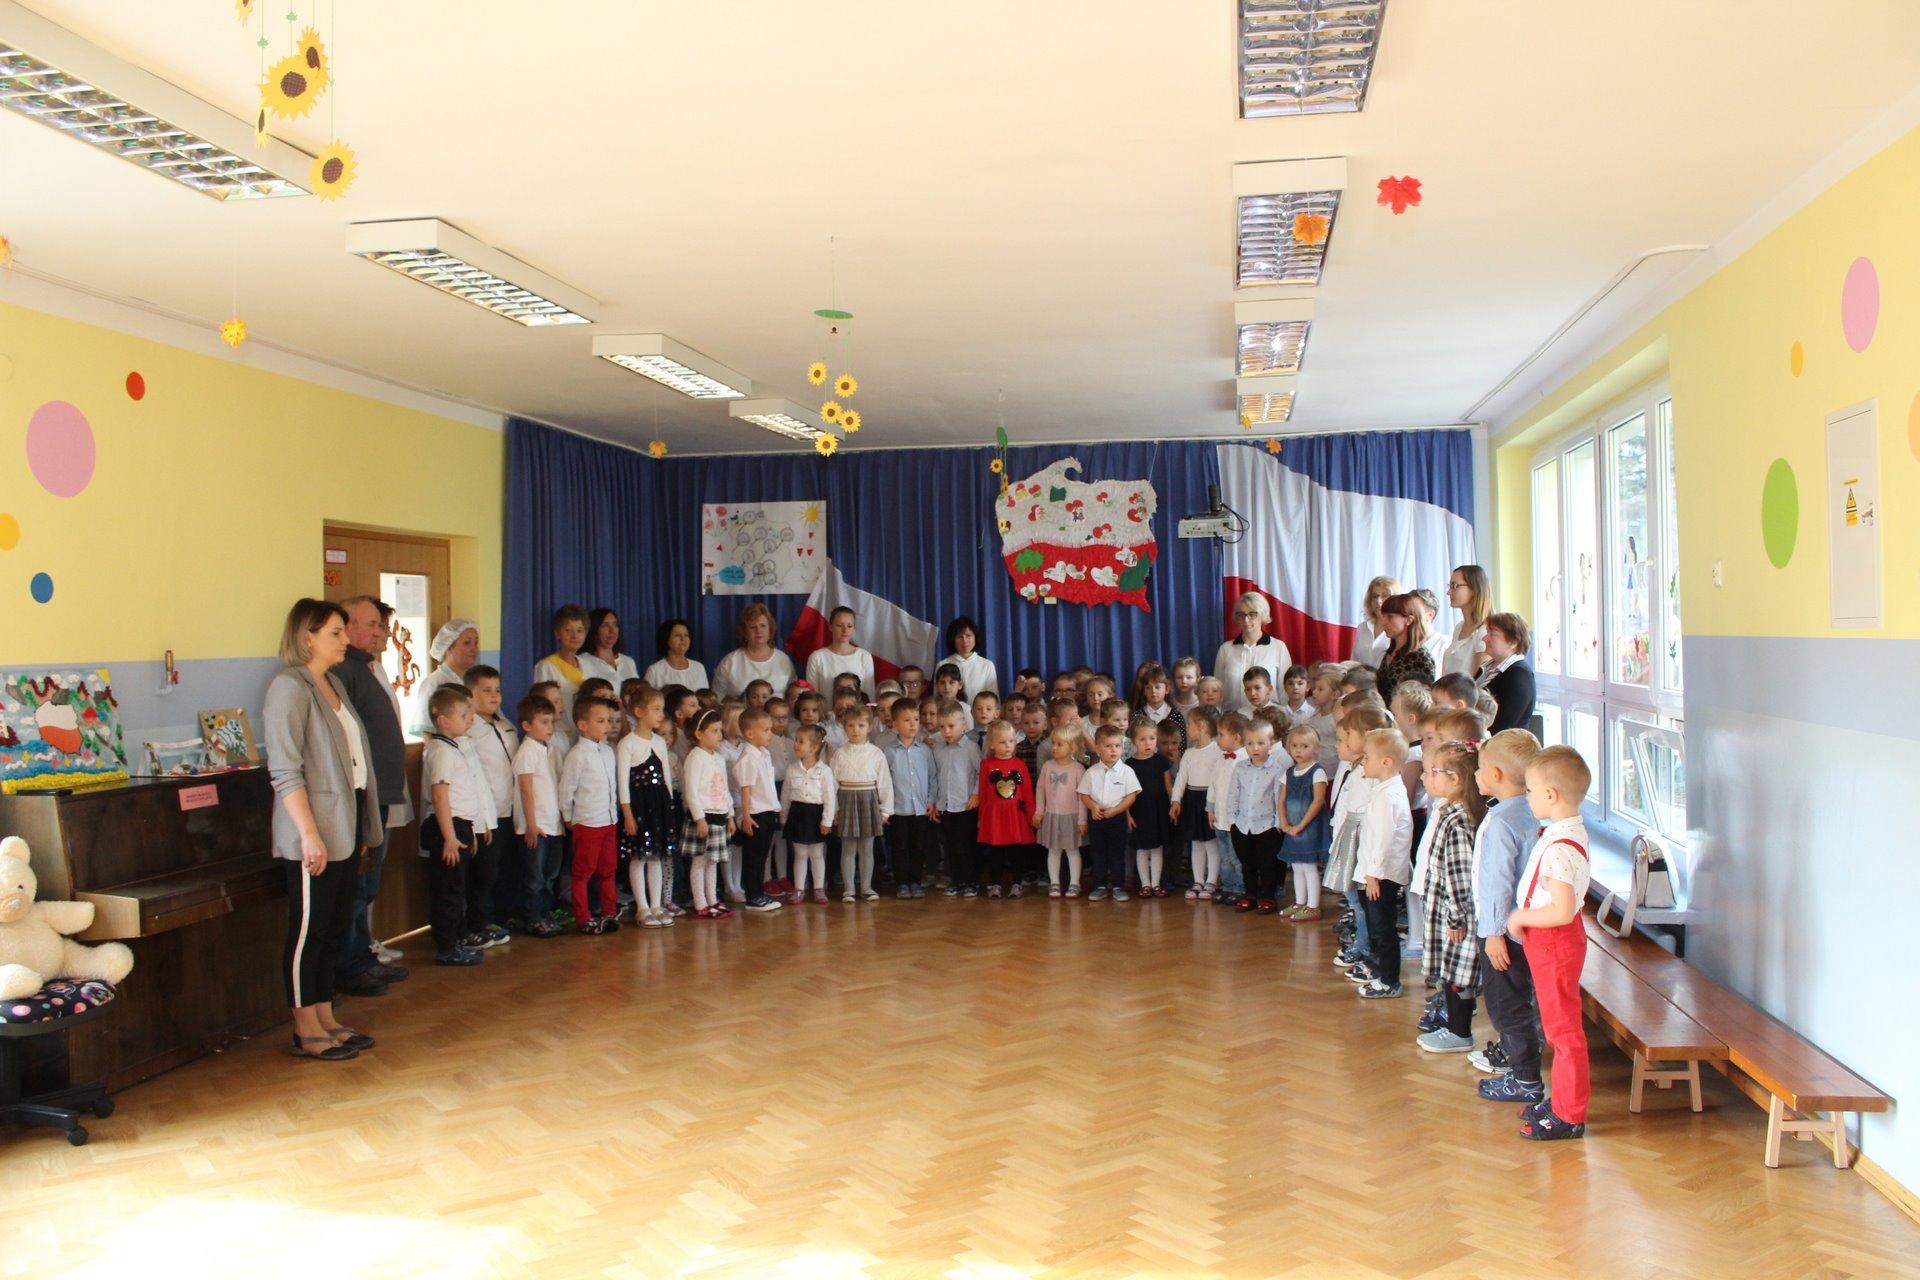 Wspólne śpiewanie hymnu państwowego